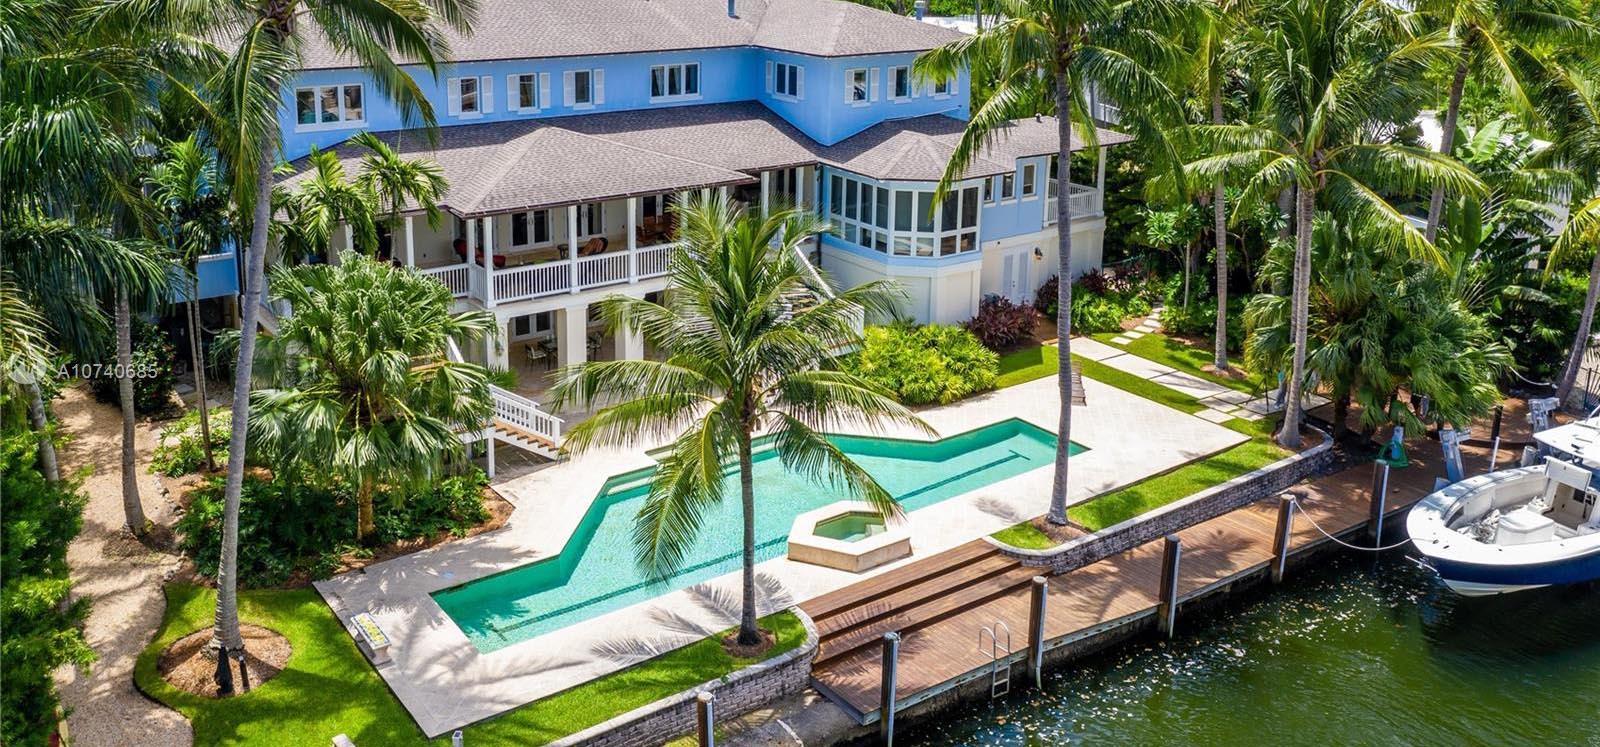 mon-appart-miami-agence-immobiliere-achat-vente-location-francais-miami-SLIDE3